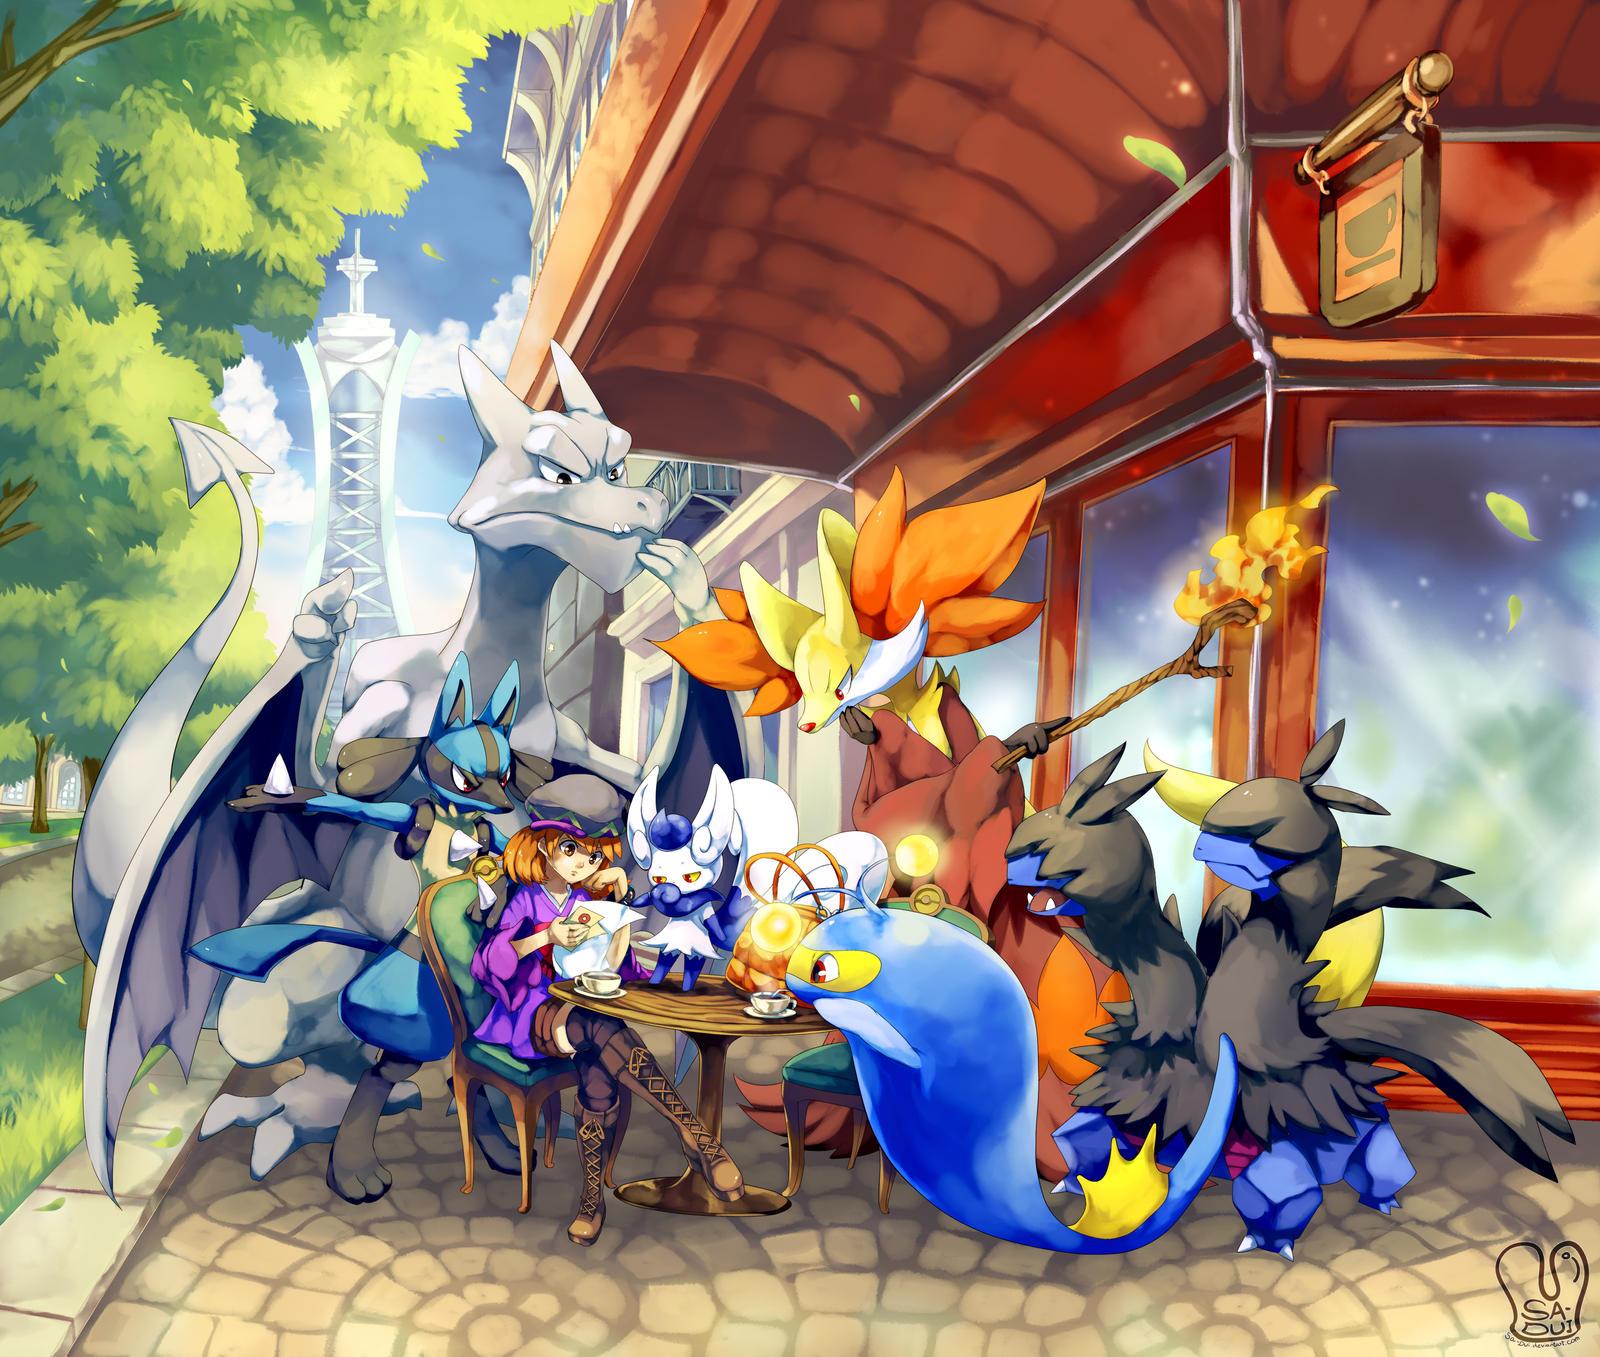 Pokemon : Lost in Lumiose